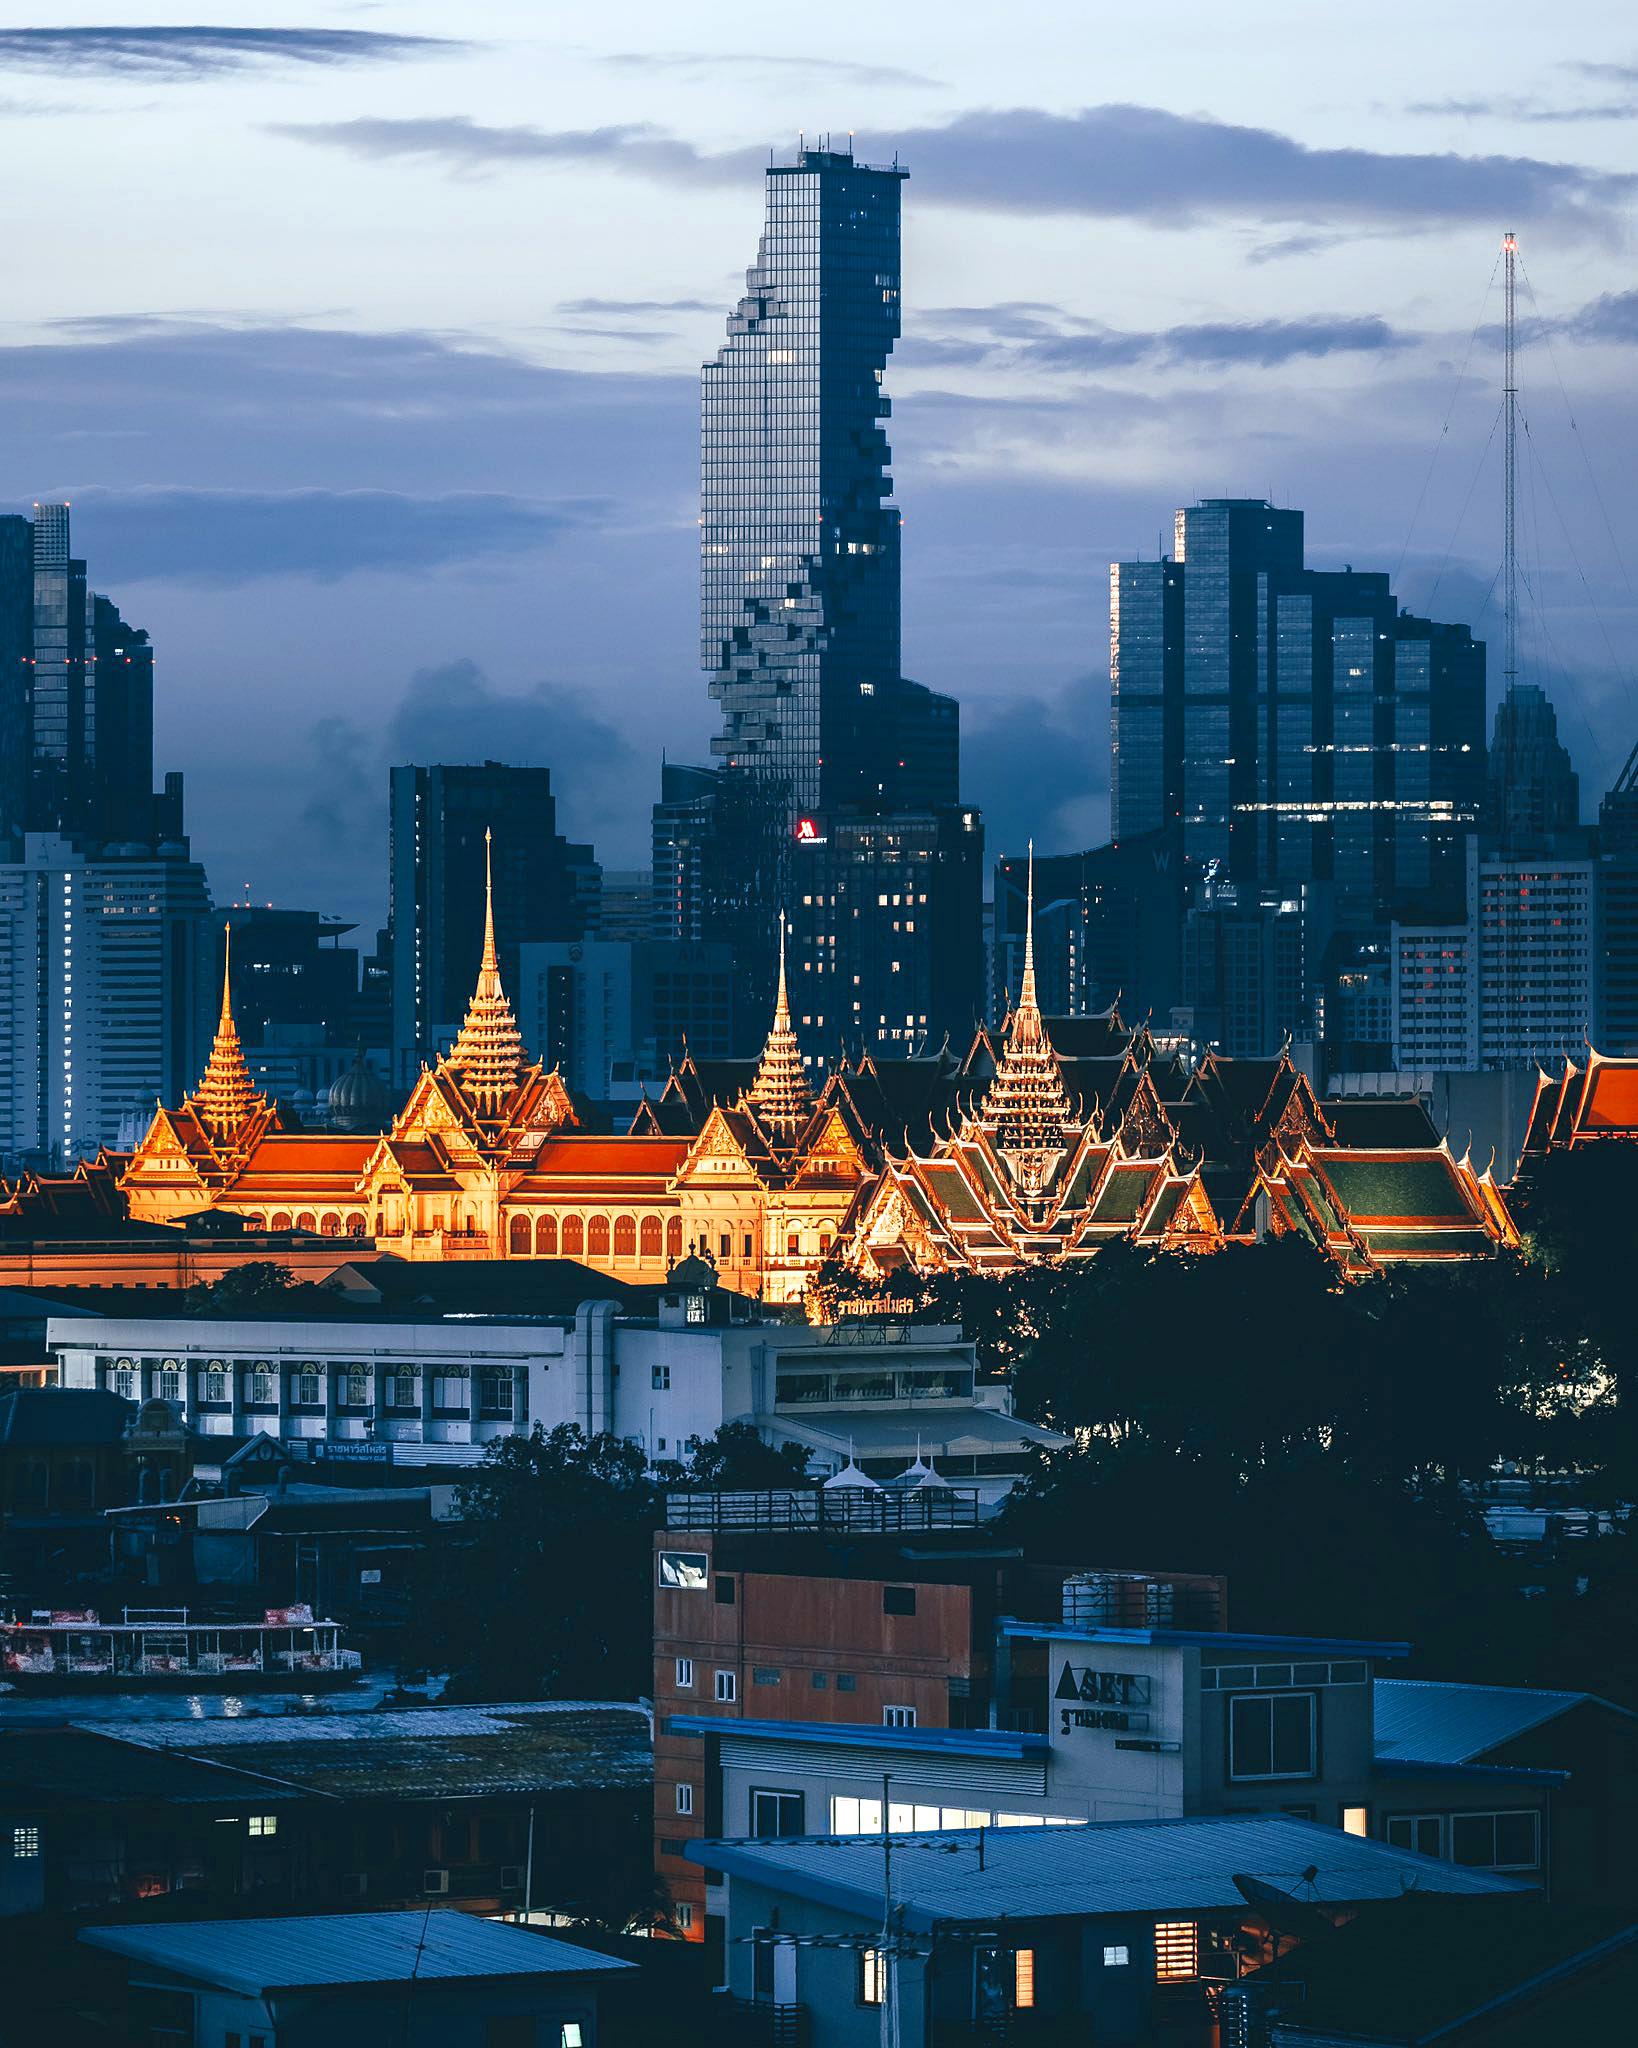 Bangkok by Kan Kankavee 04.jpg